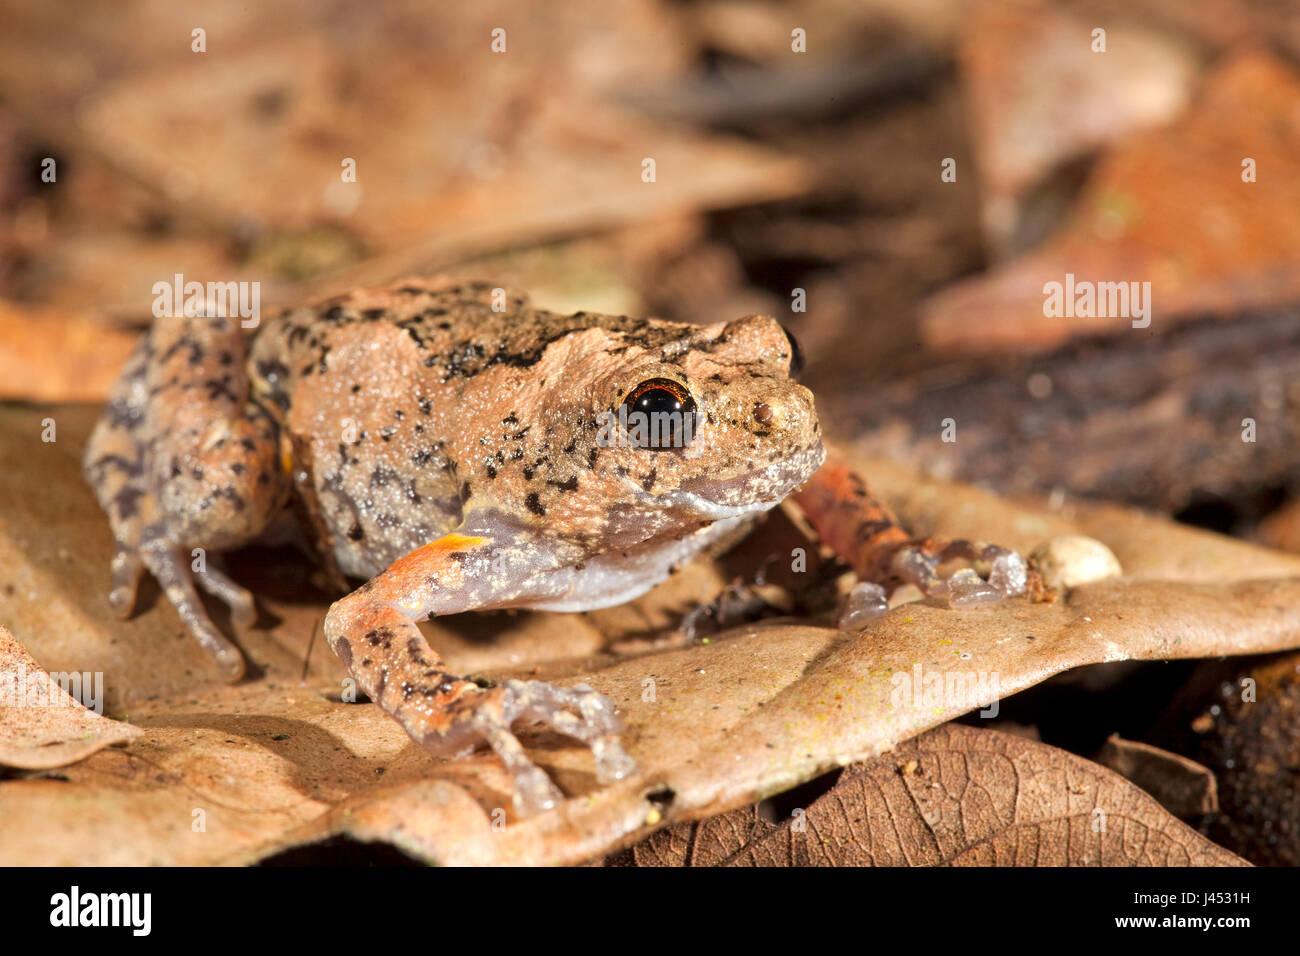 Photo d'un trou d'arbre grenouille, elles pondent leurs œufs dans des trous d'arbres, les hommes appel à partir Banque D'Images